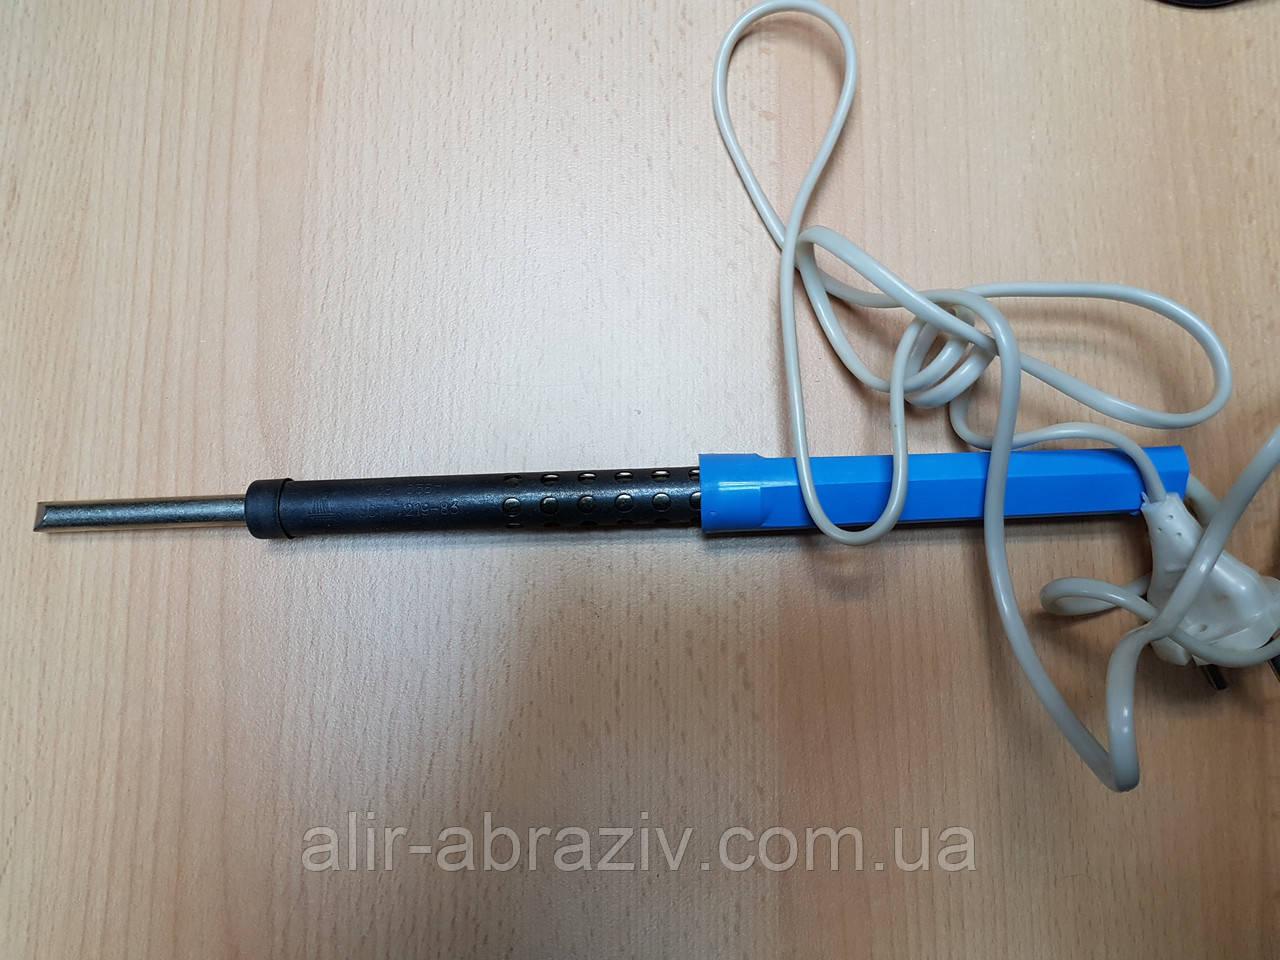 Паяльник ЭПСН-65/40